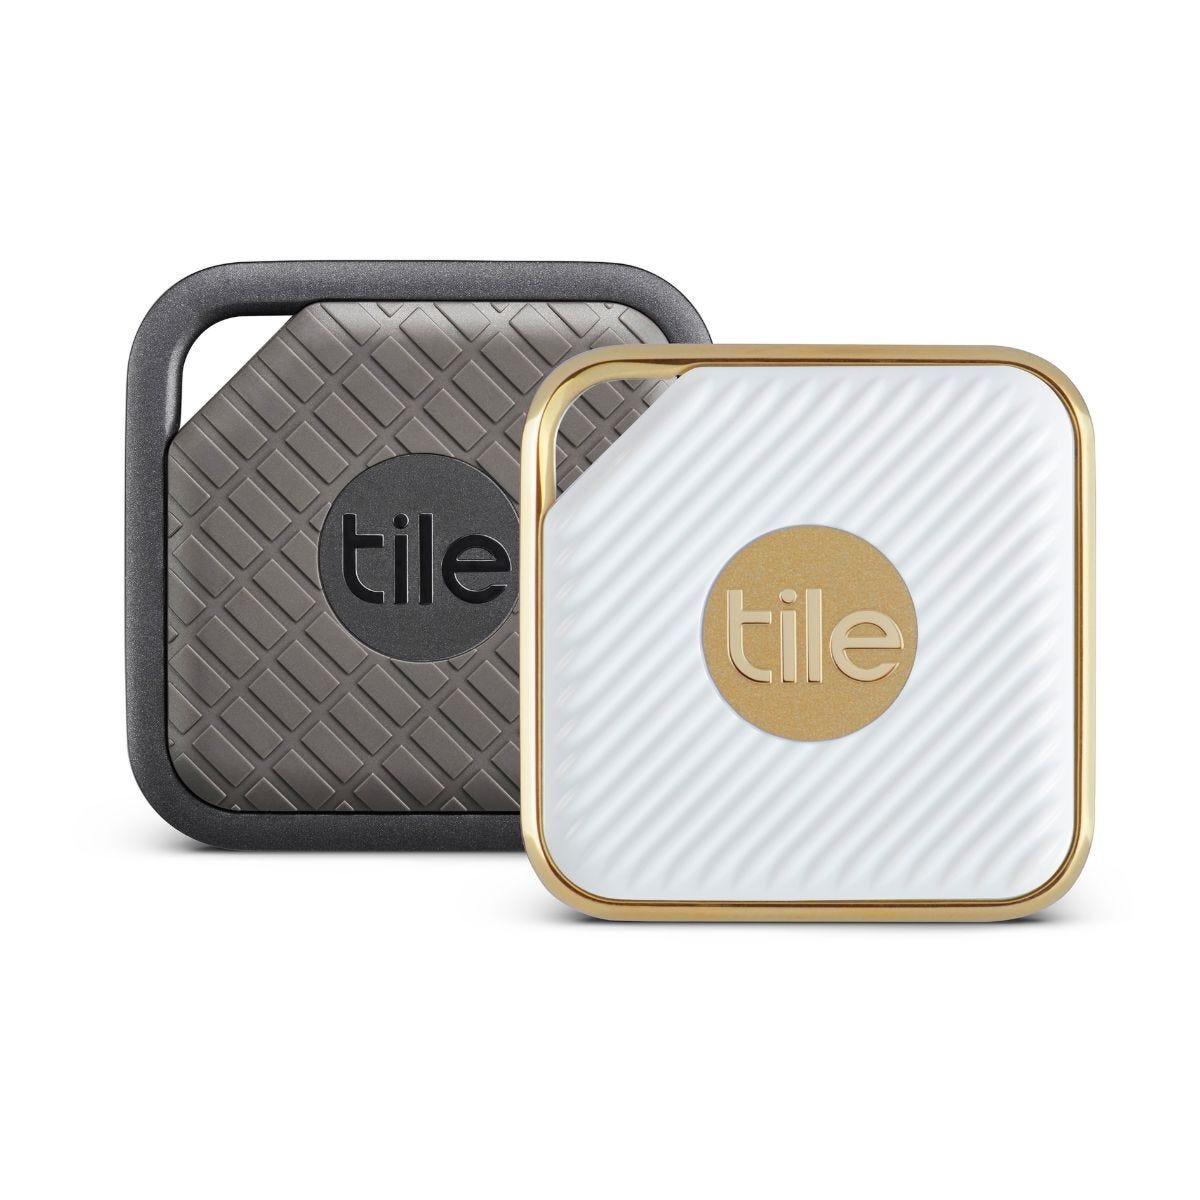 Tile Pro Series Item Finder Combo Pack